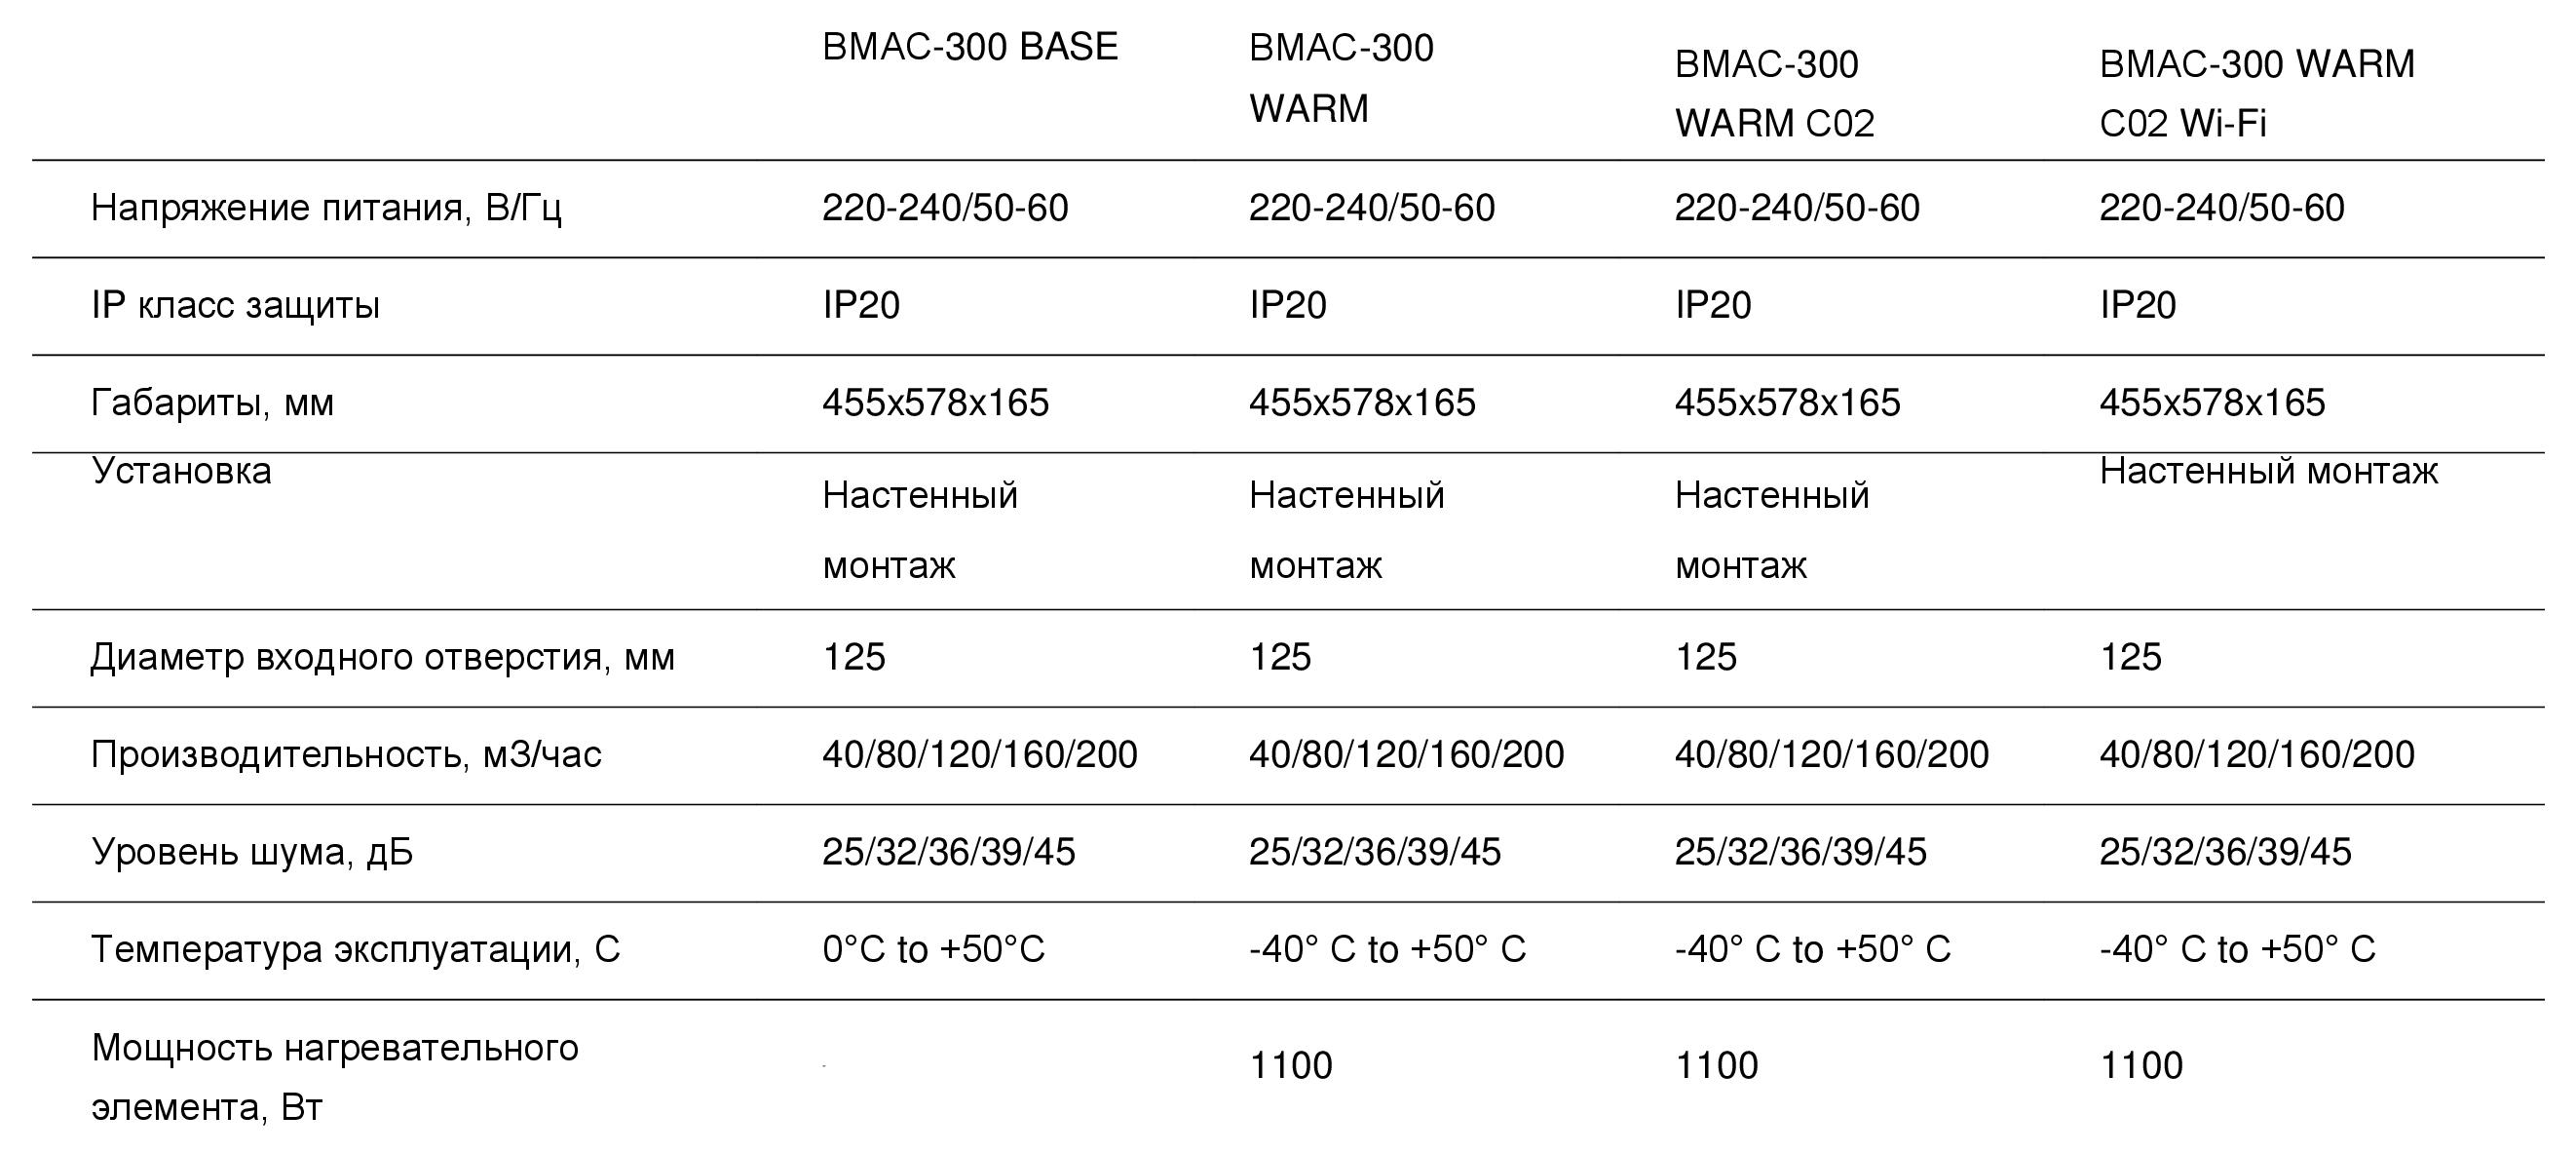 Модификации Ballu-ВМАС-300